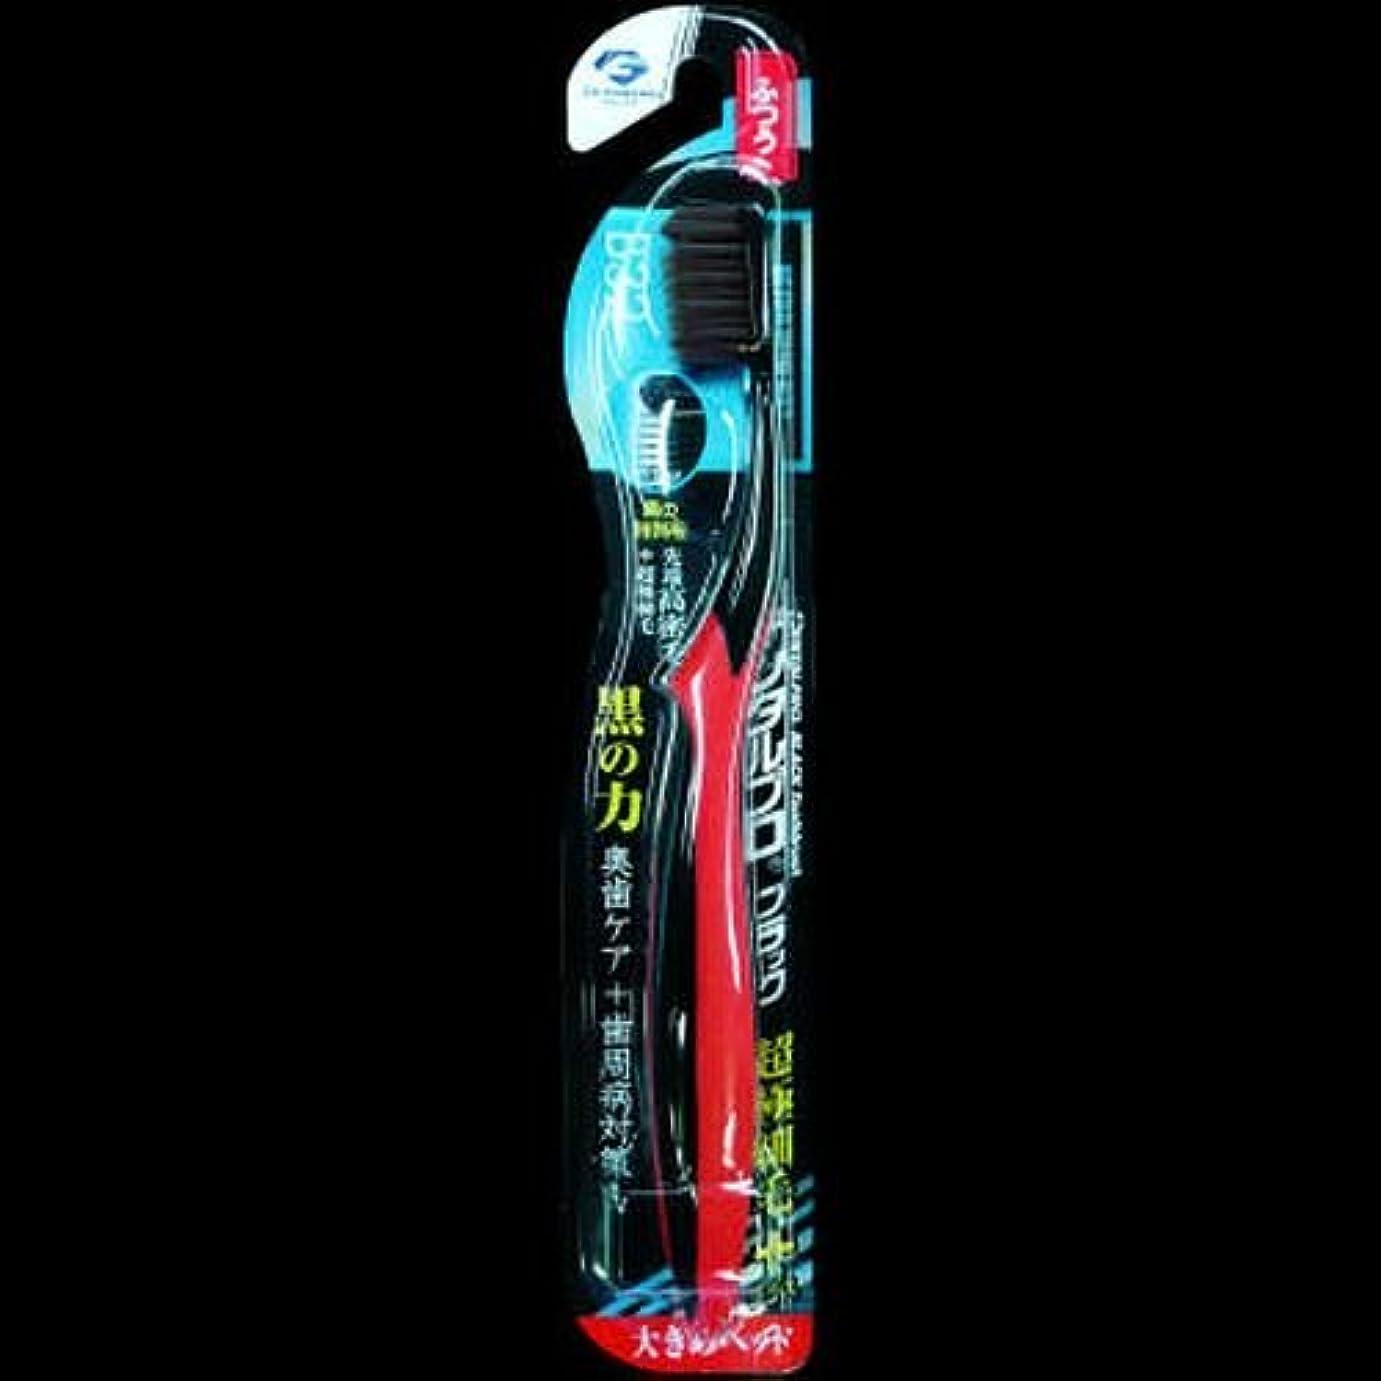 パブ袋防衛デンタルプロ ブラック歯ブラシ 超極細毛プラス大きめヘッド ふつう ×2セット